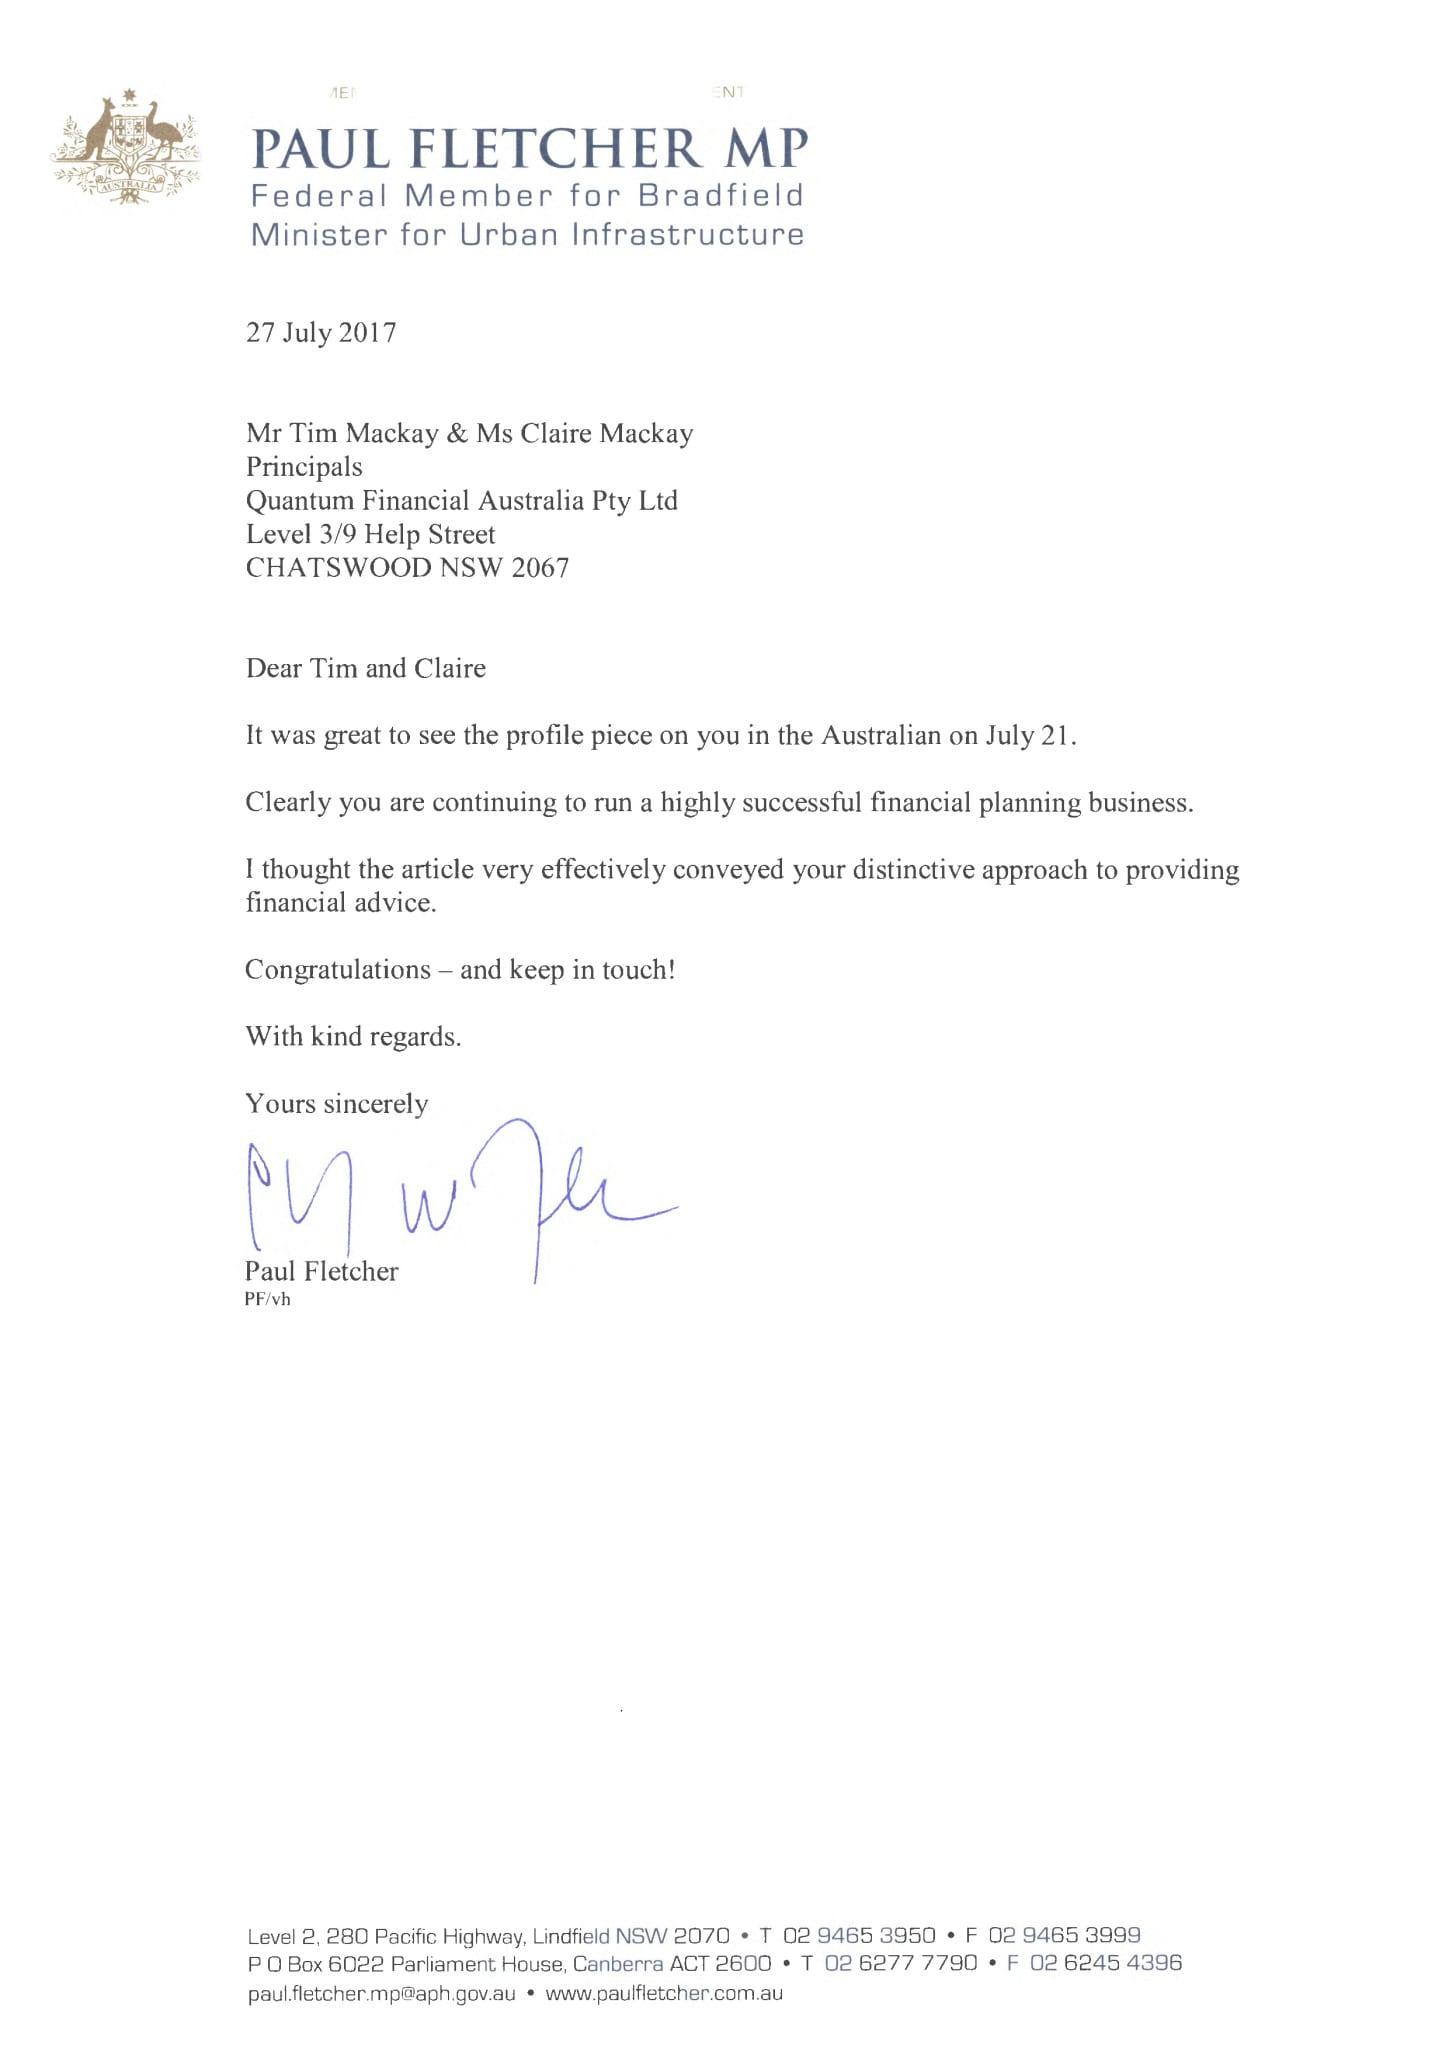 Letter from Paul Fletcher